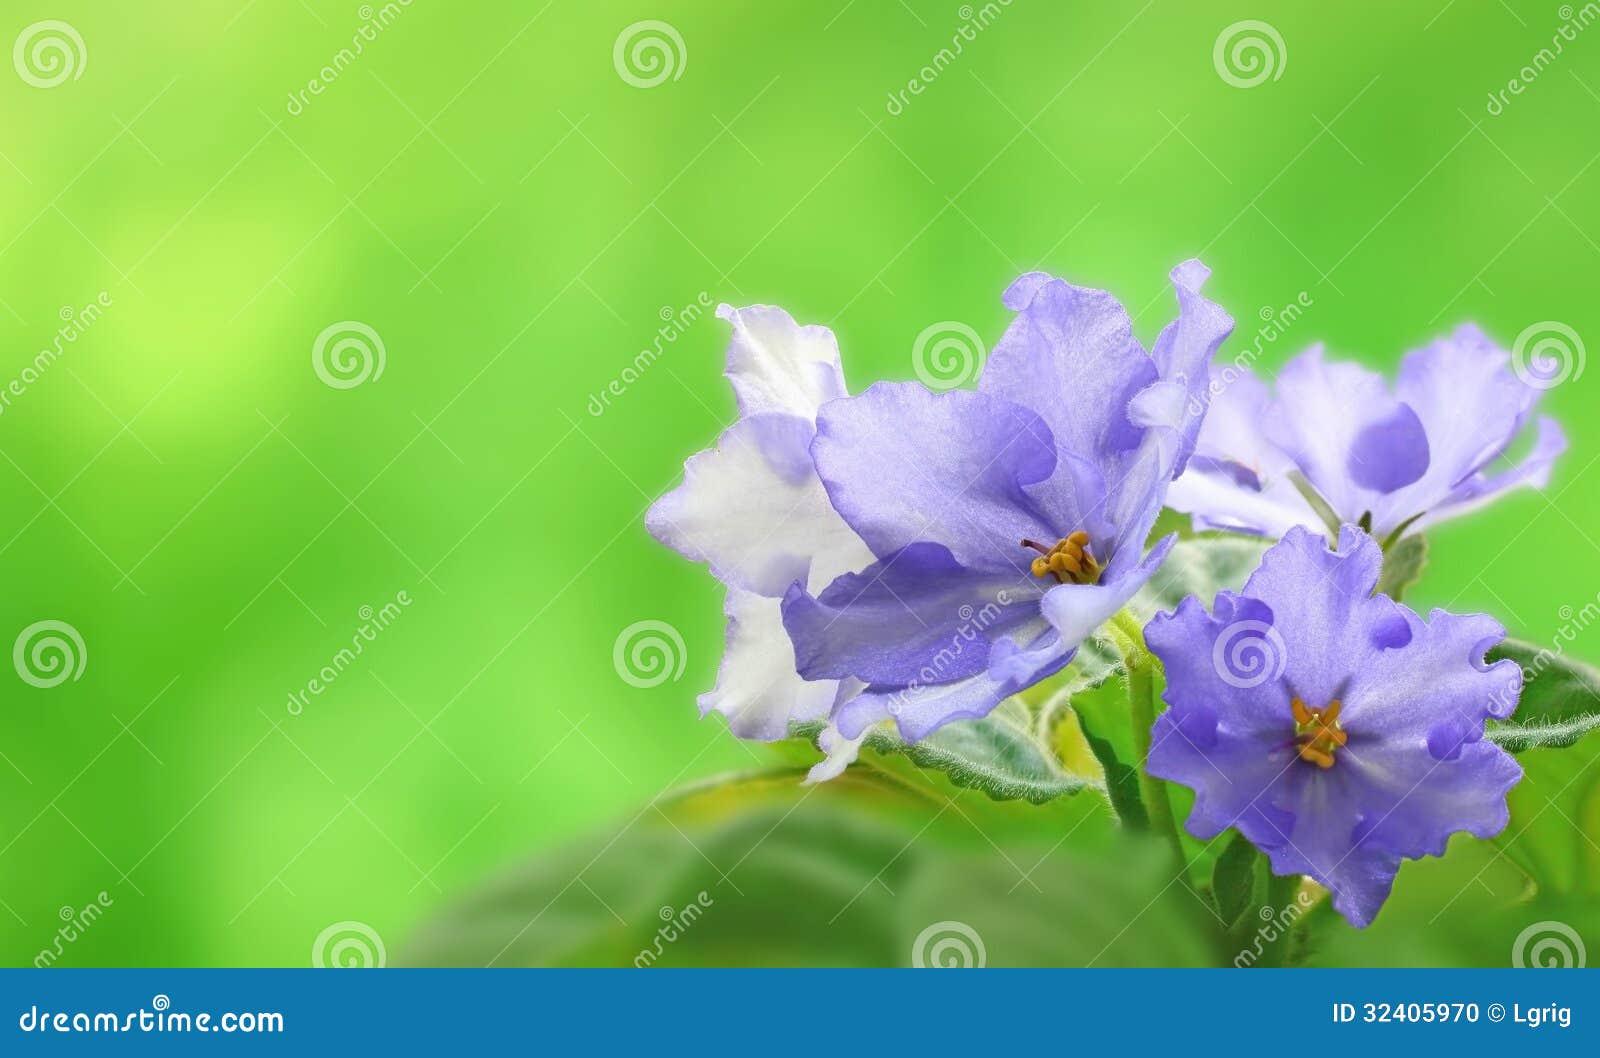 Beeld van viooltjes op een mooie zachte achtergrond stock foto afbeelding 32405970 - Een mooie kamer van een mooie meid ...